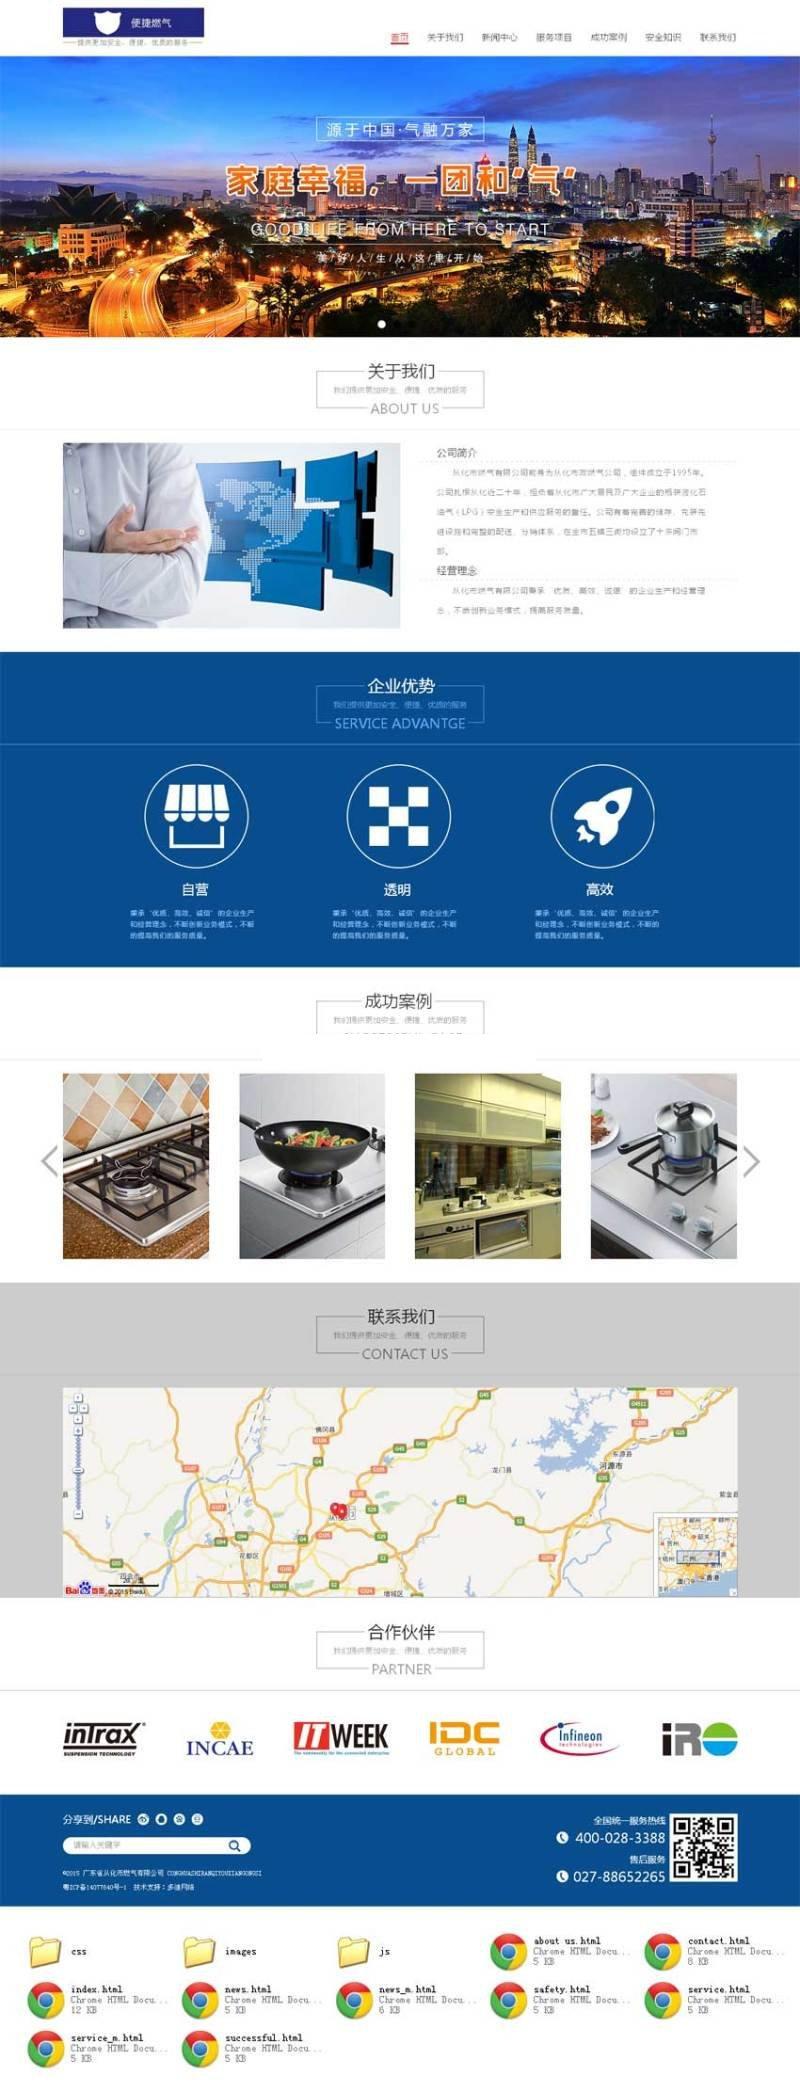 蓝色的燃气公司网站静态模板下载